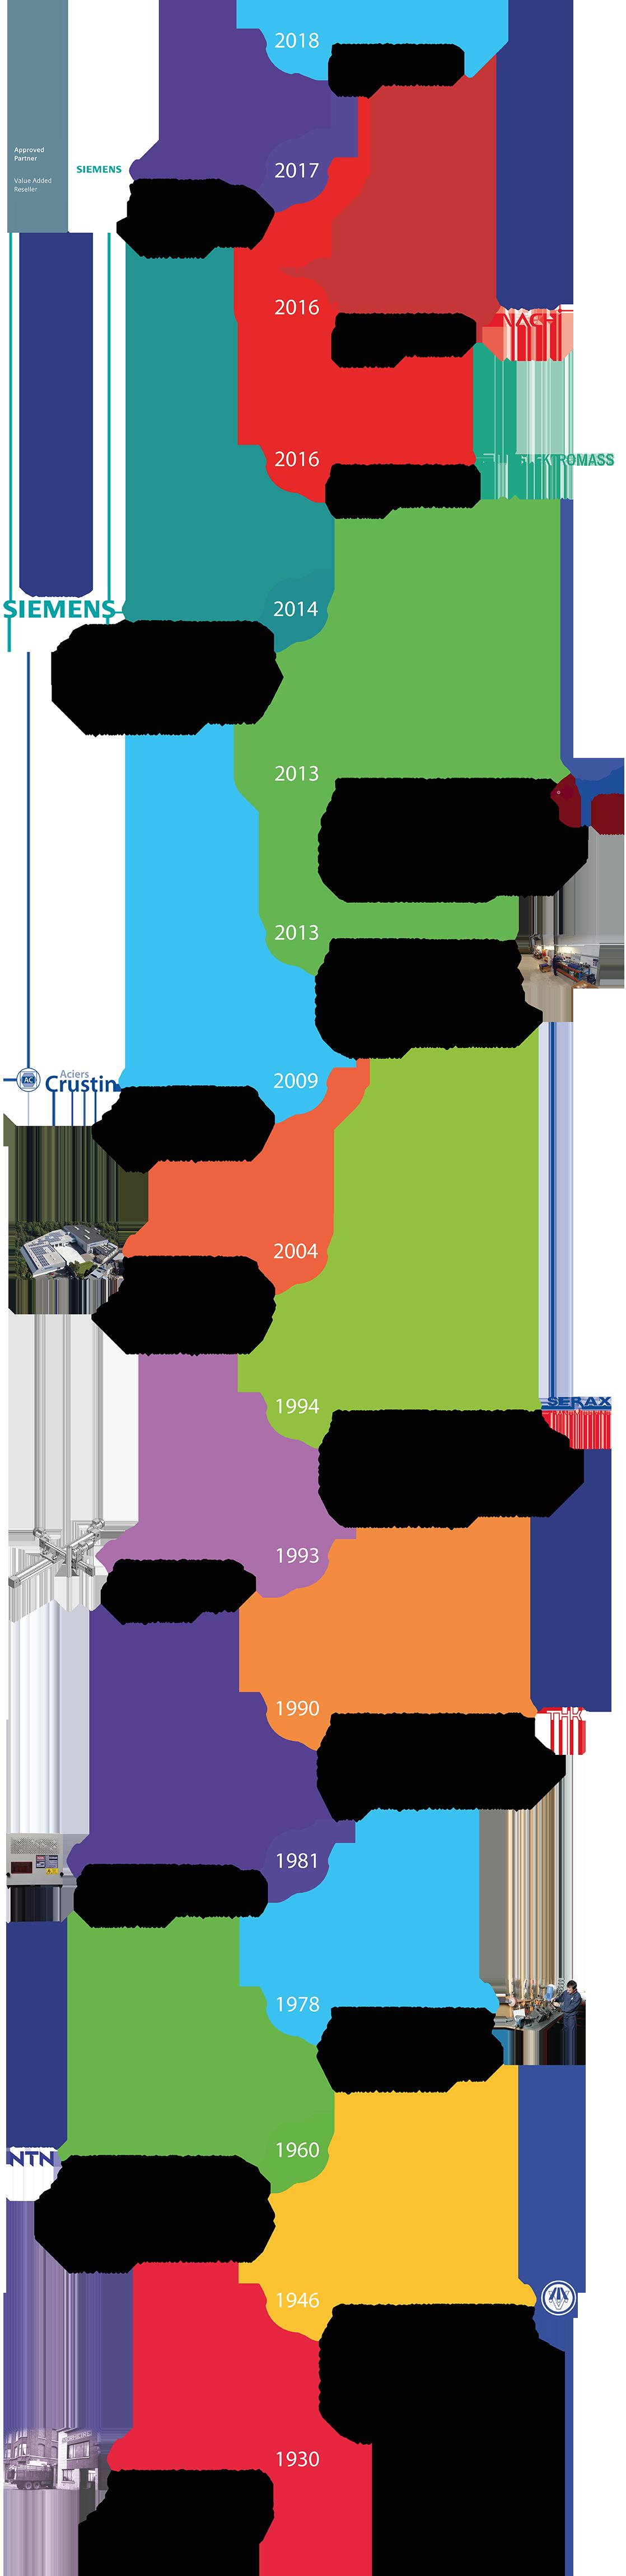 L'historique de l'entreprise Vermeire-Belting, spécialiste de la transmission de puissance